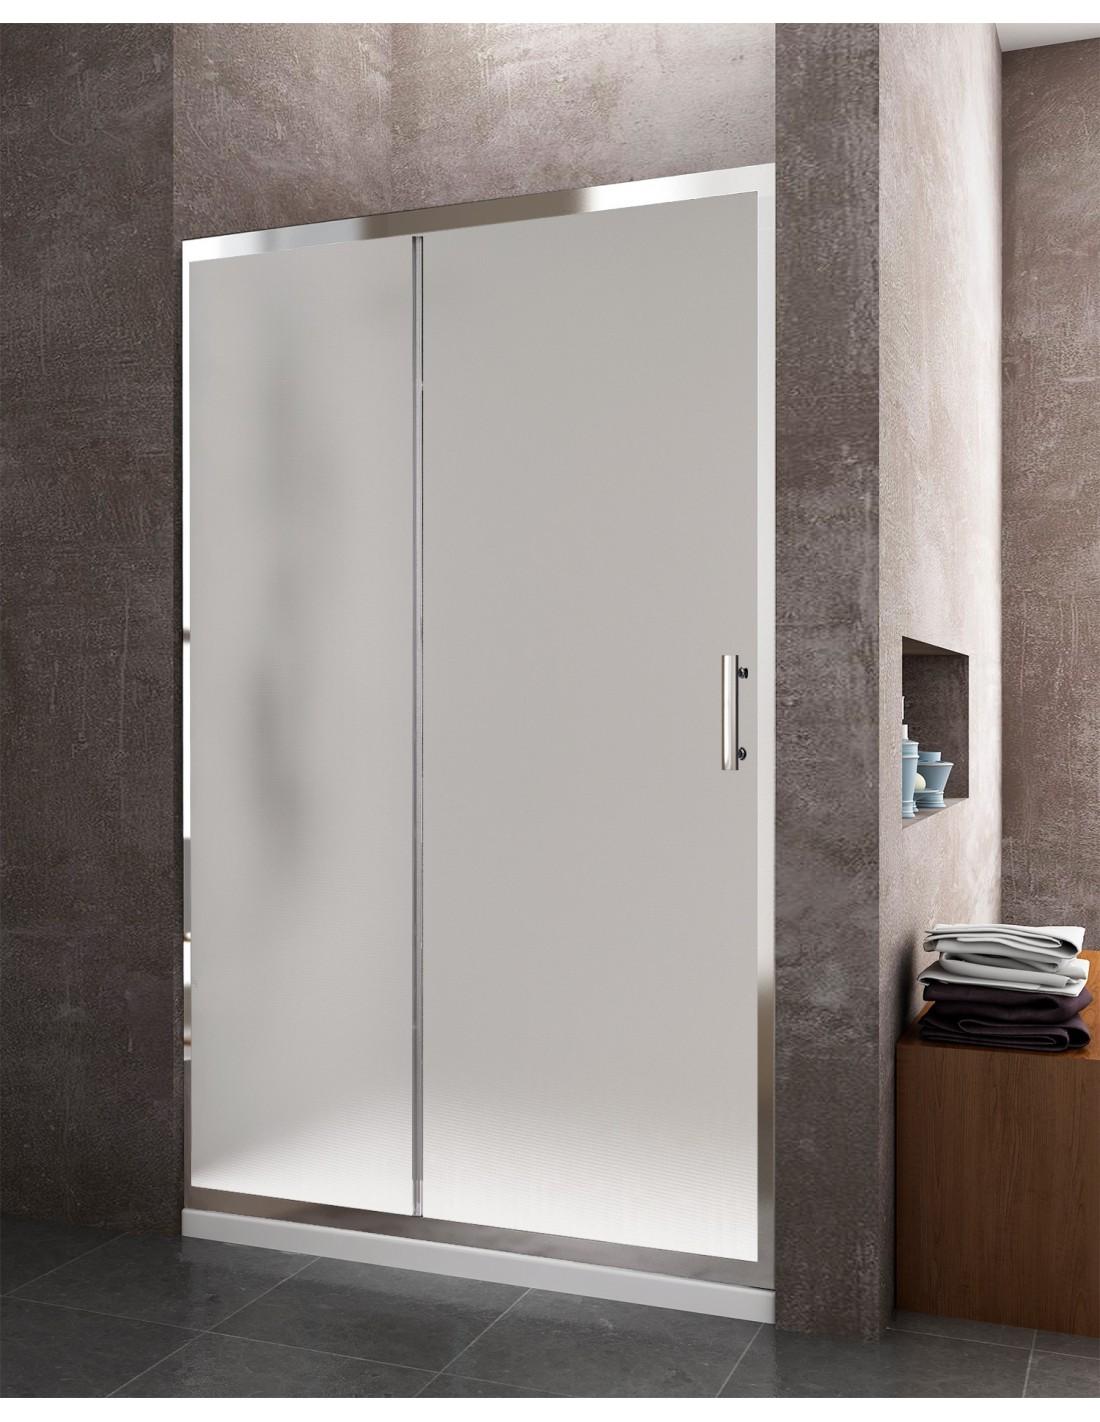 mampara-de-ducha-frontal-11-con-puerta-corredera-y-lateral-fijo.jpg